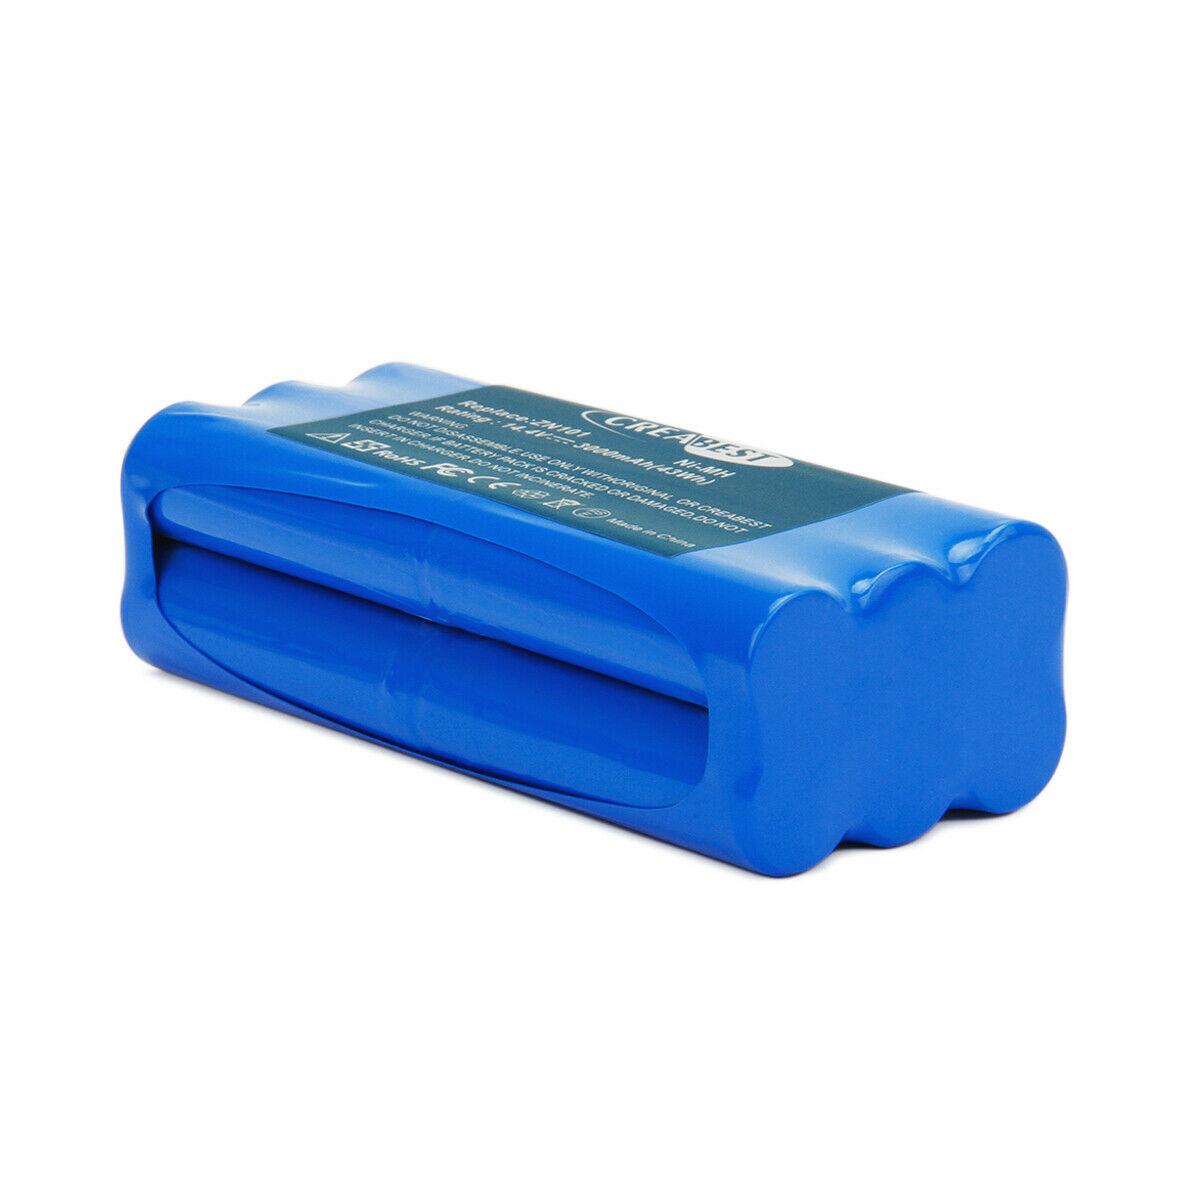 Batteri til Ni-MH 14.4V 3.0AH Dirt Devil 0606004 Sichler NC5755-944 (kompatibelt)